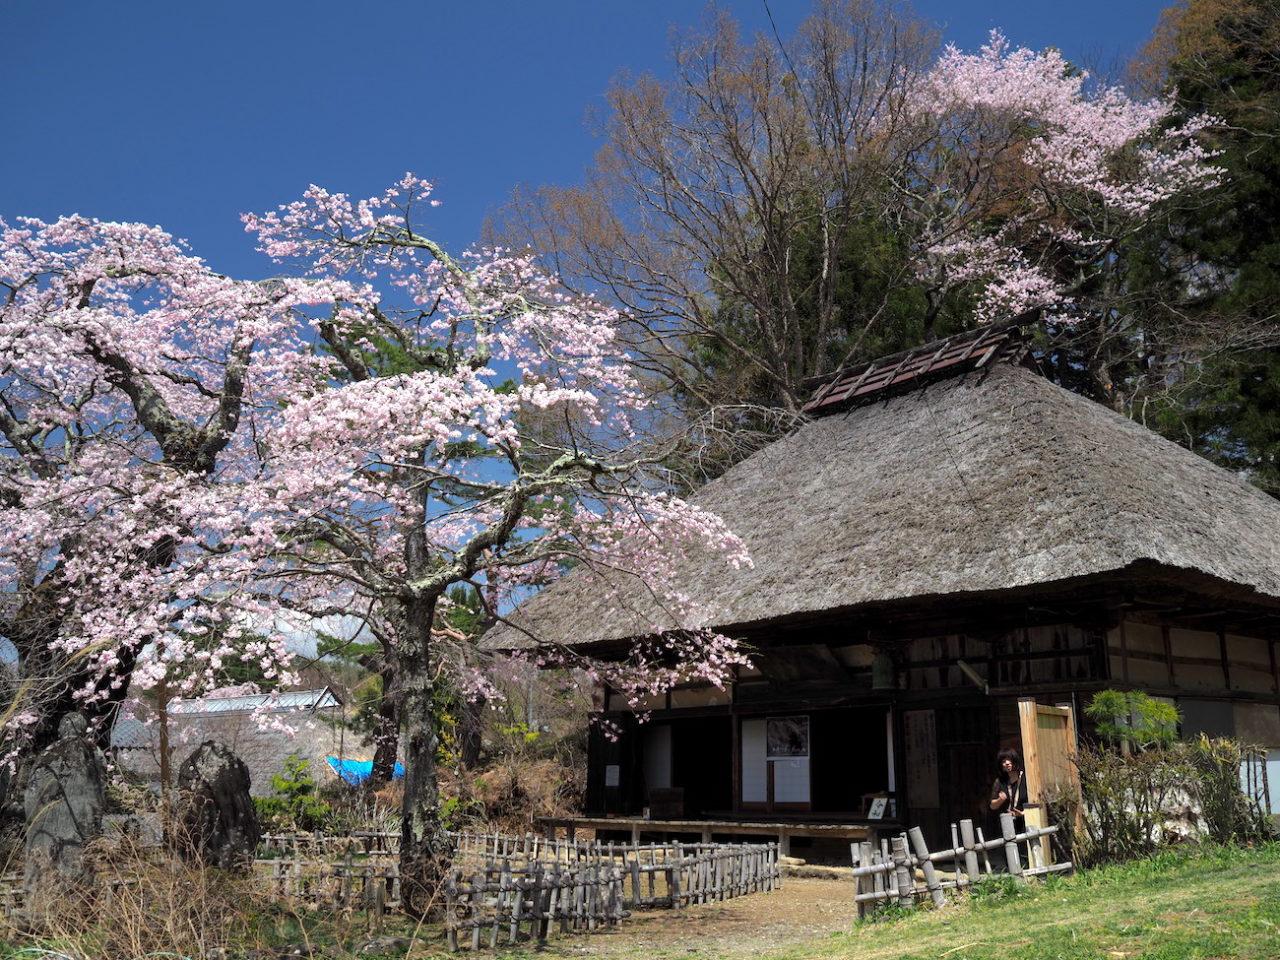 富士見町 高森観音堂の一本桜